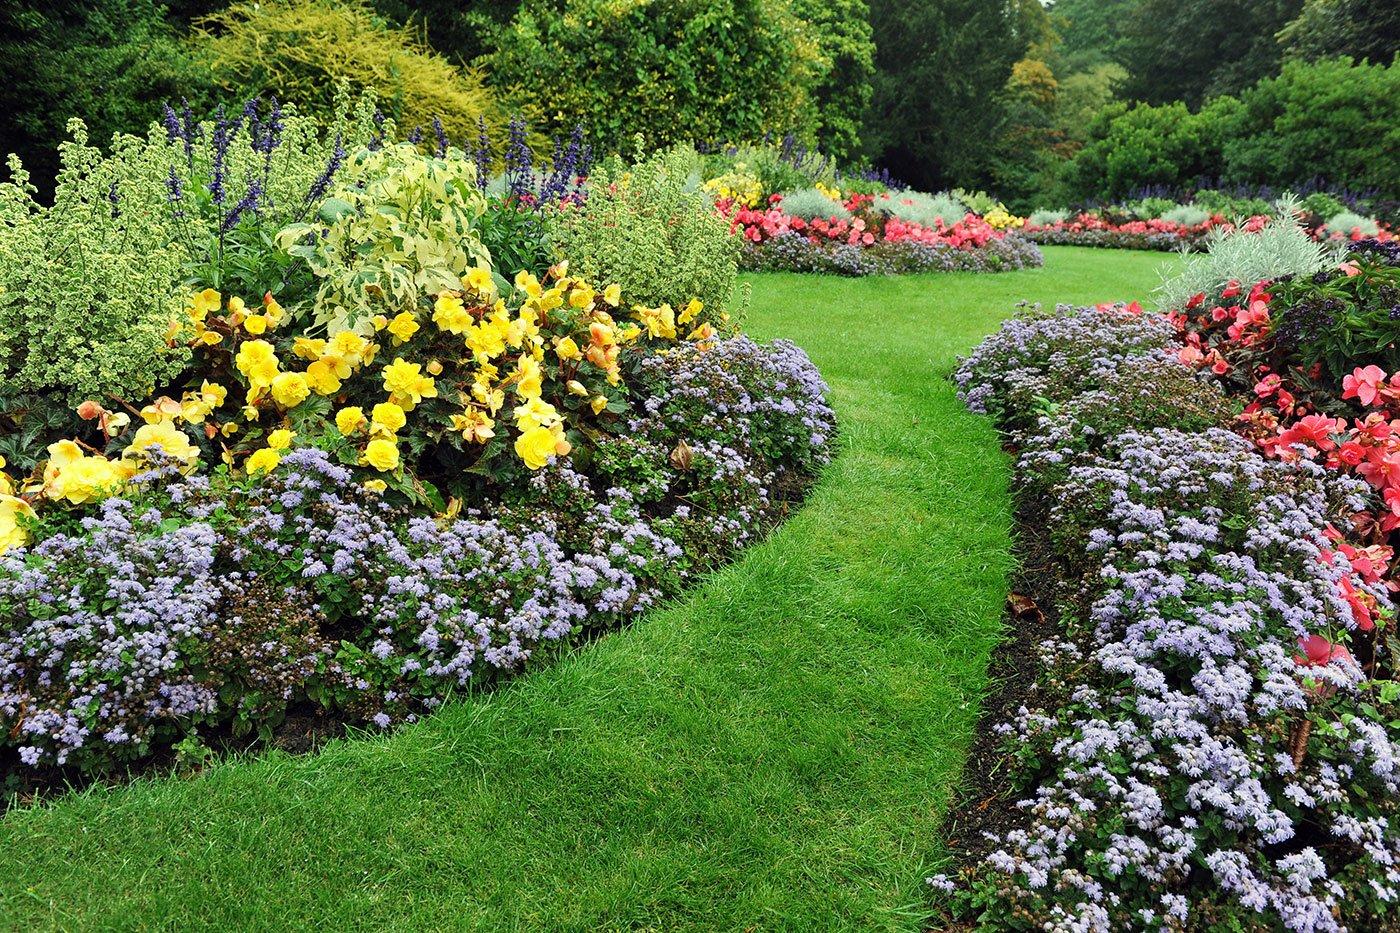 Giardino pieno di diversi fiori di tutti i colori e un cammino di erba